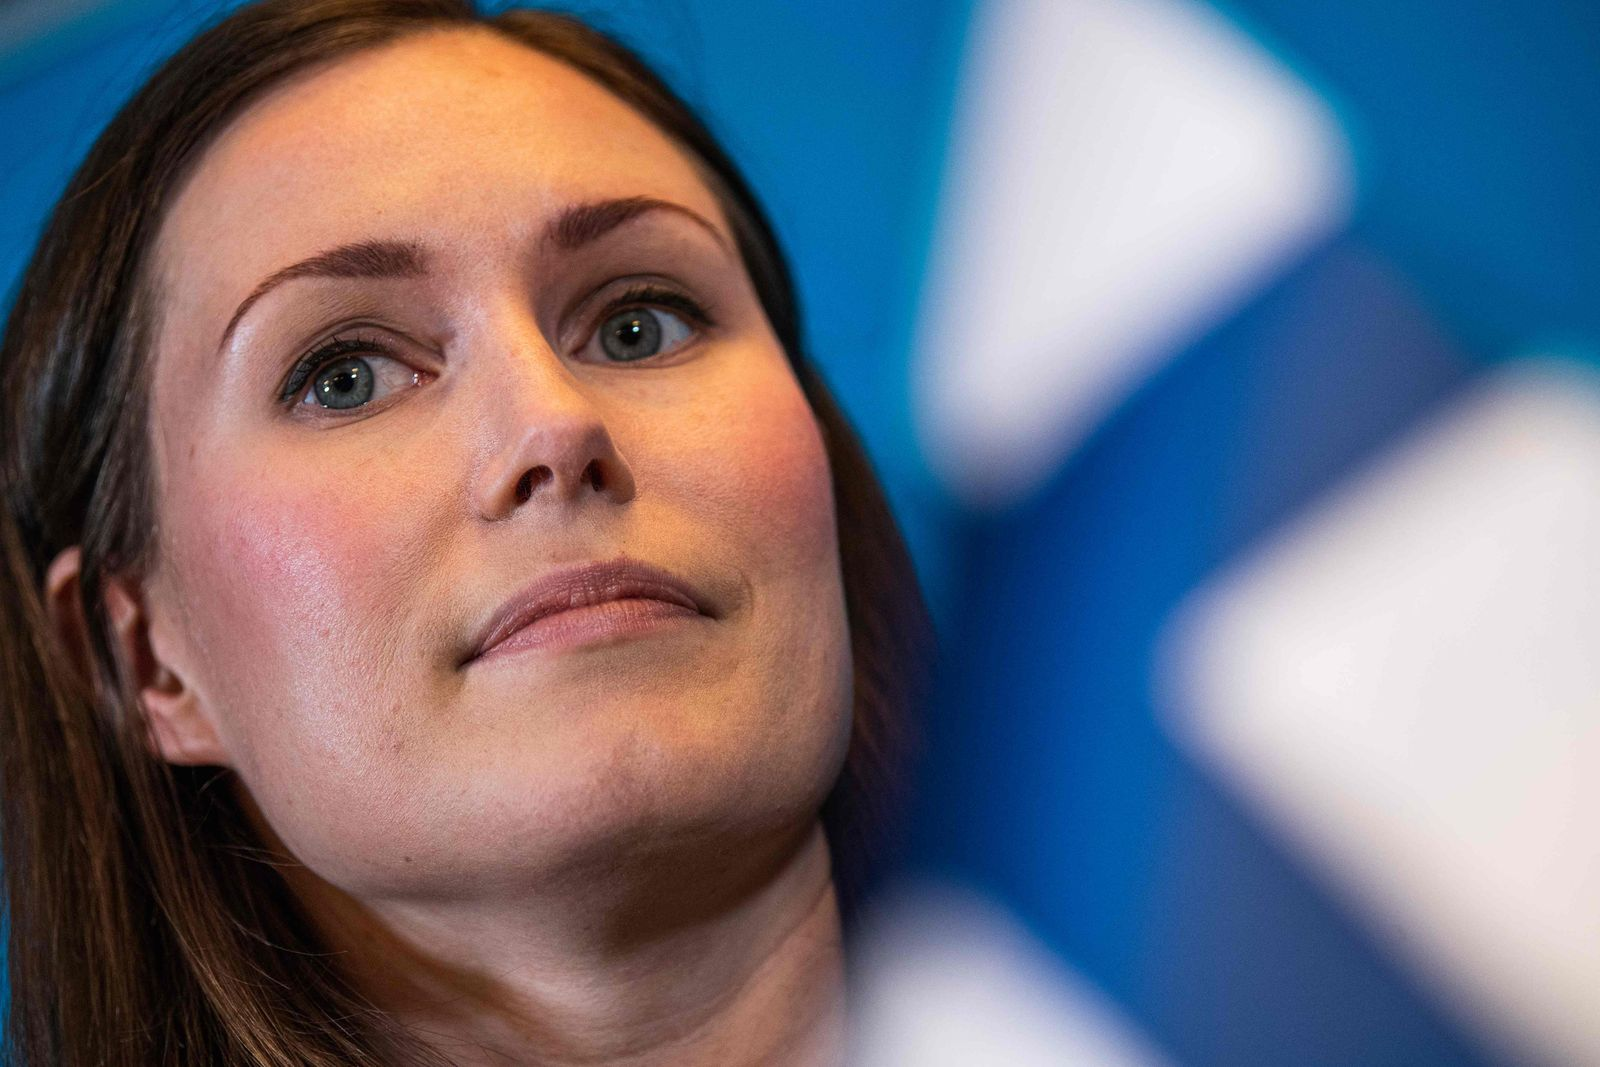 FILES-FINLAND-POLITICS-CORRUPTION